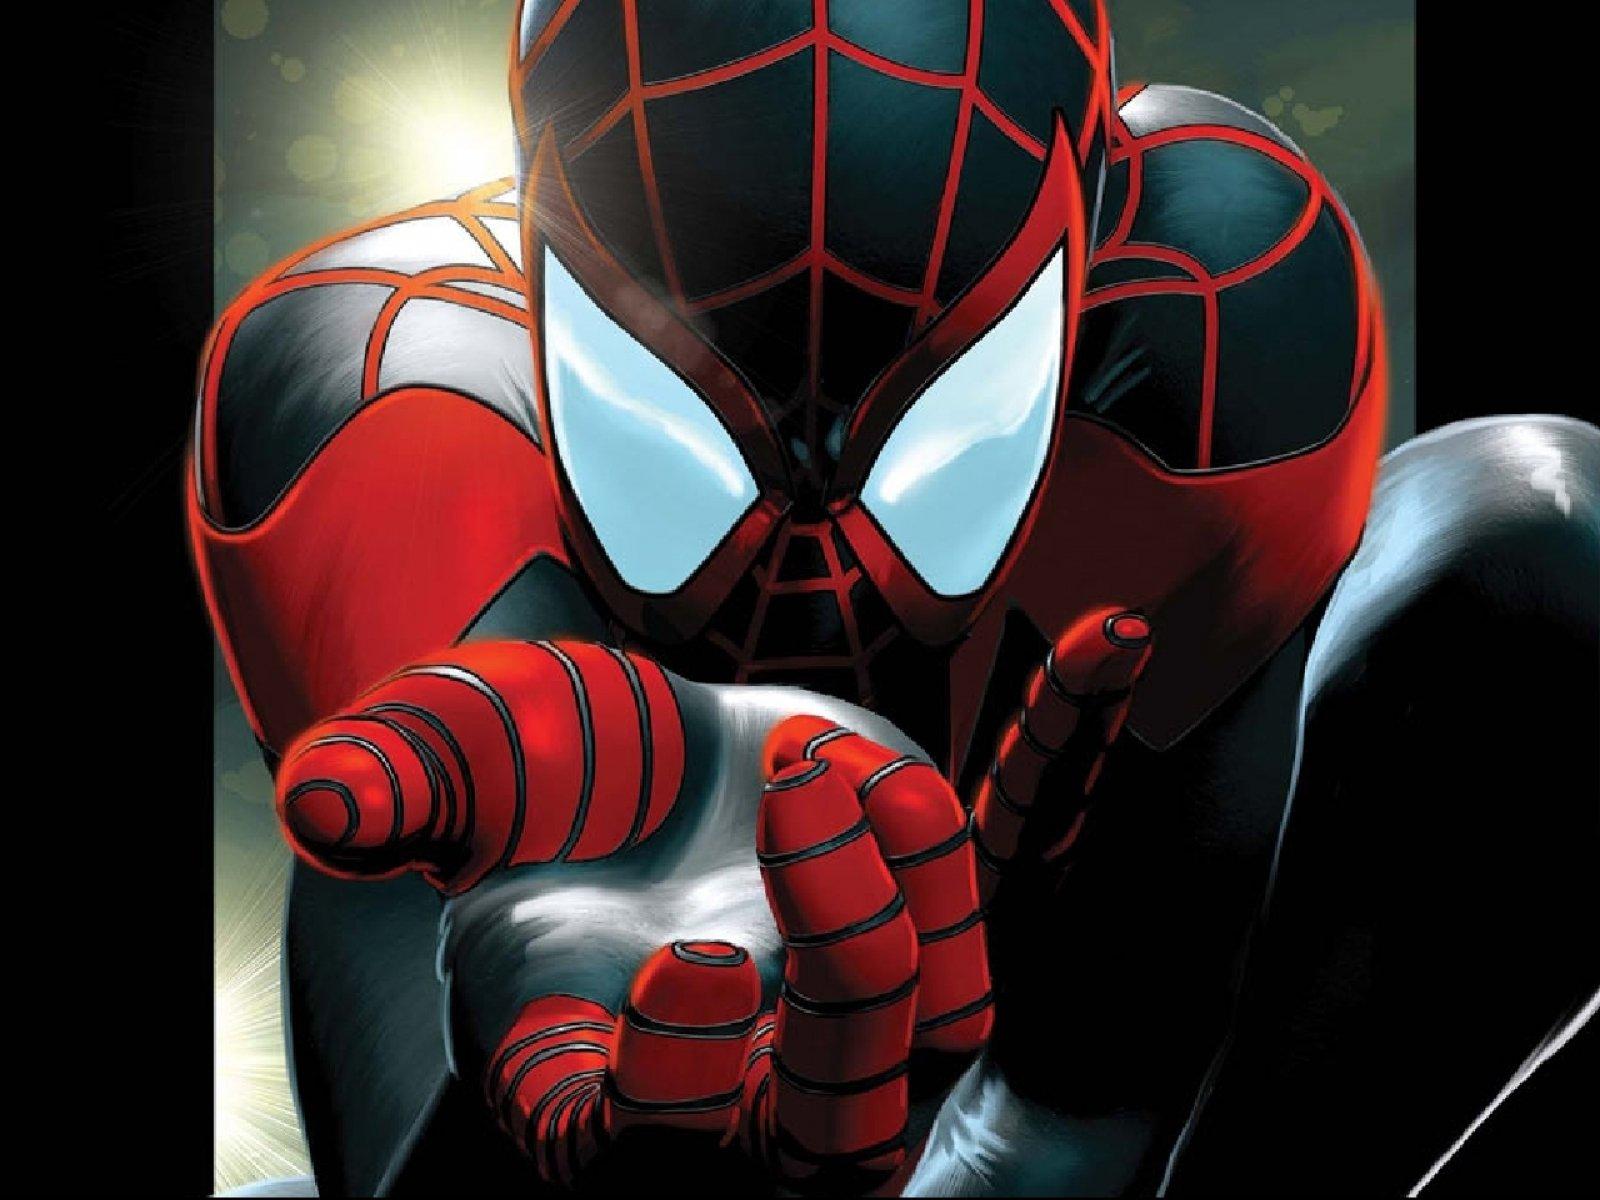 картинки с красным и черным человеком пауком течение десятилетий